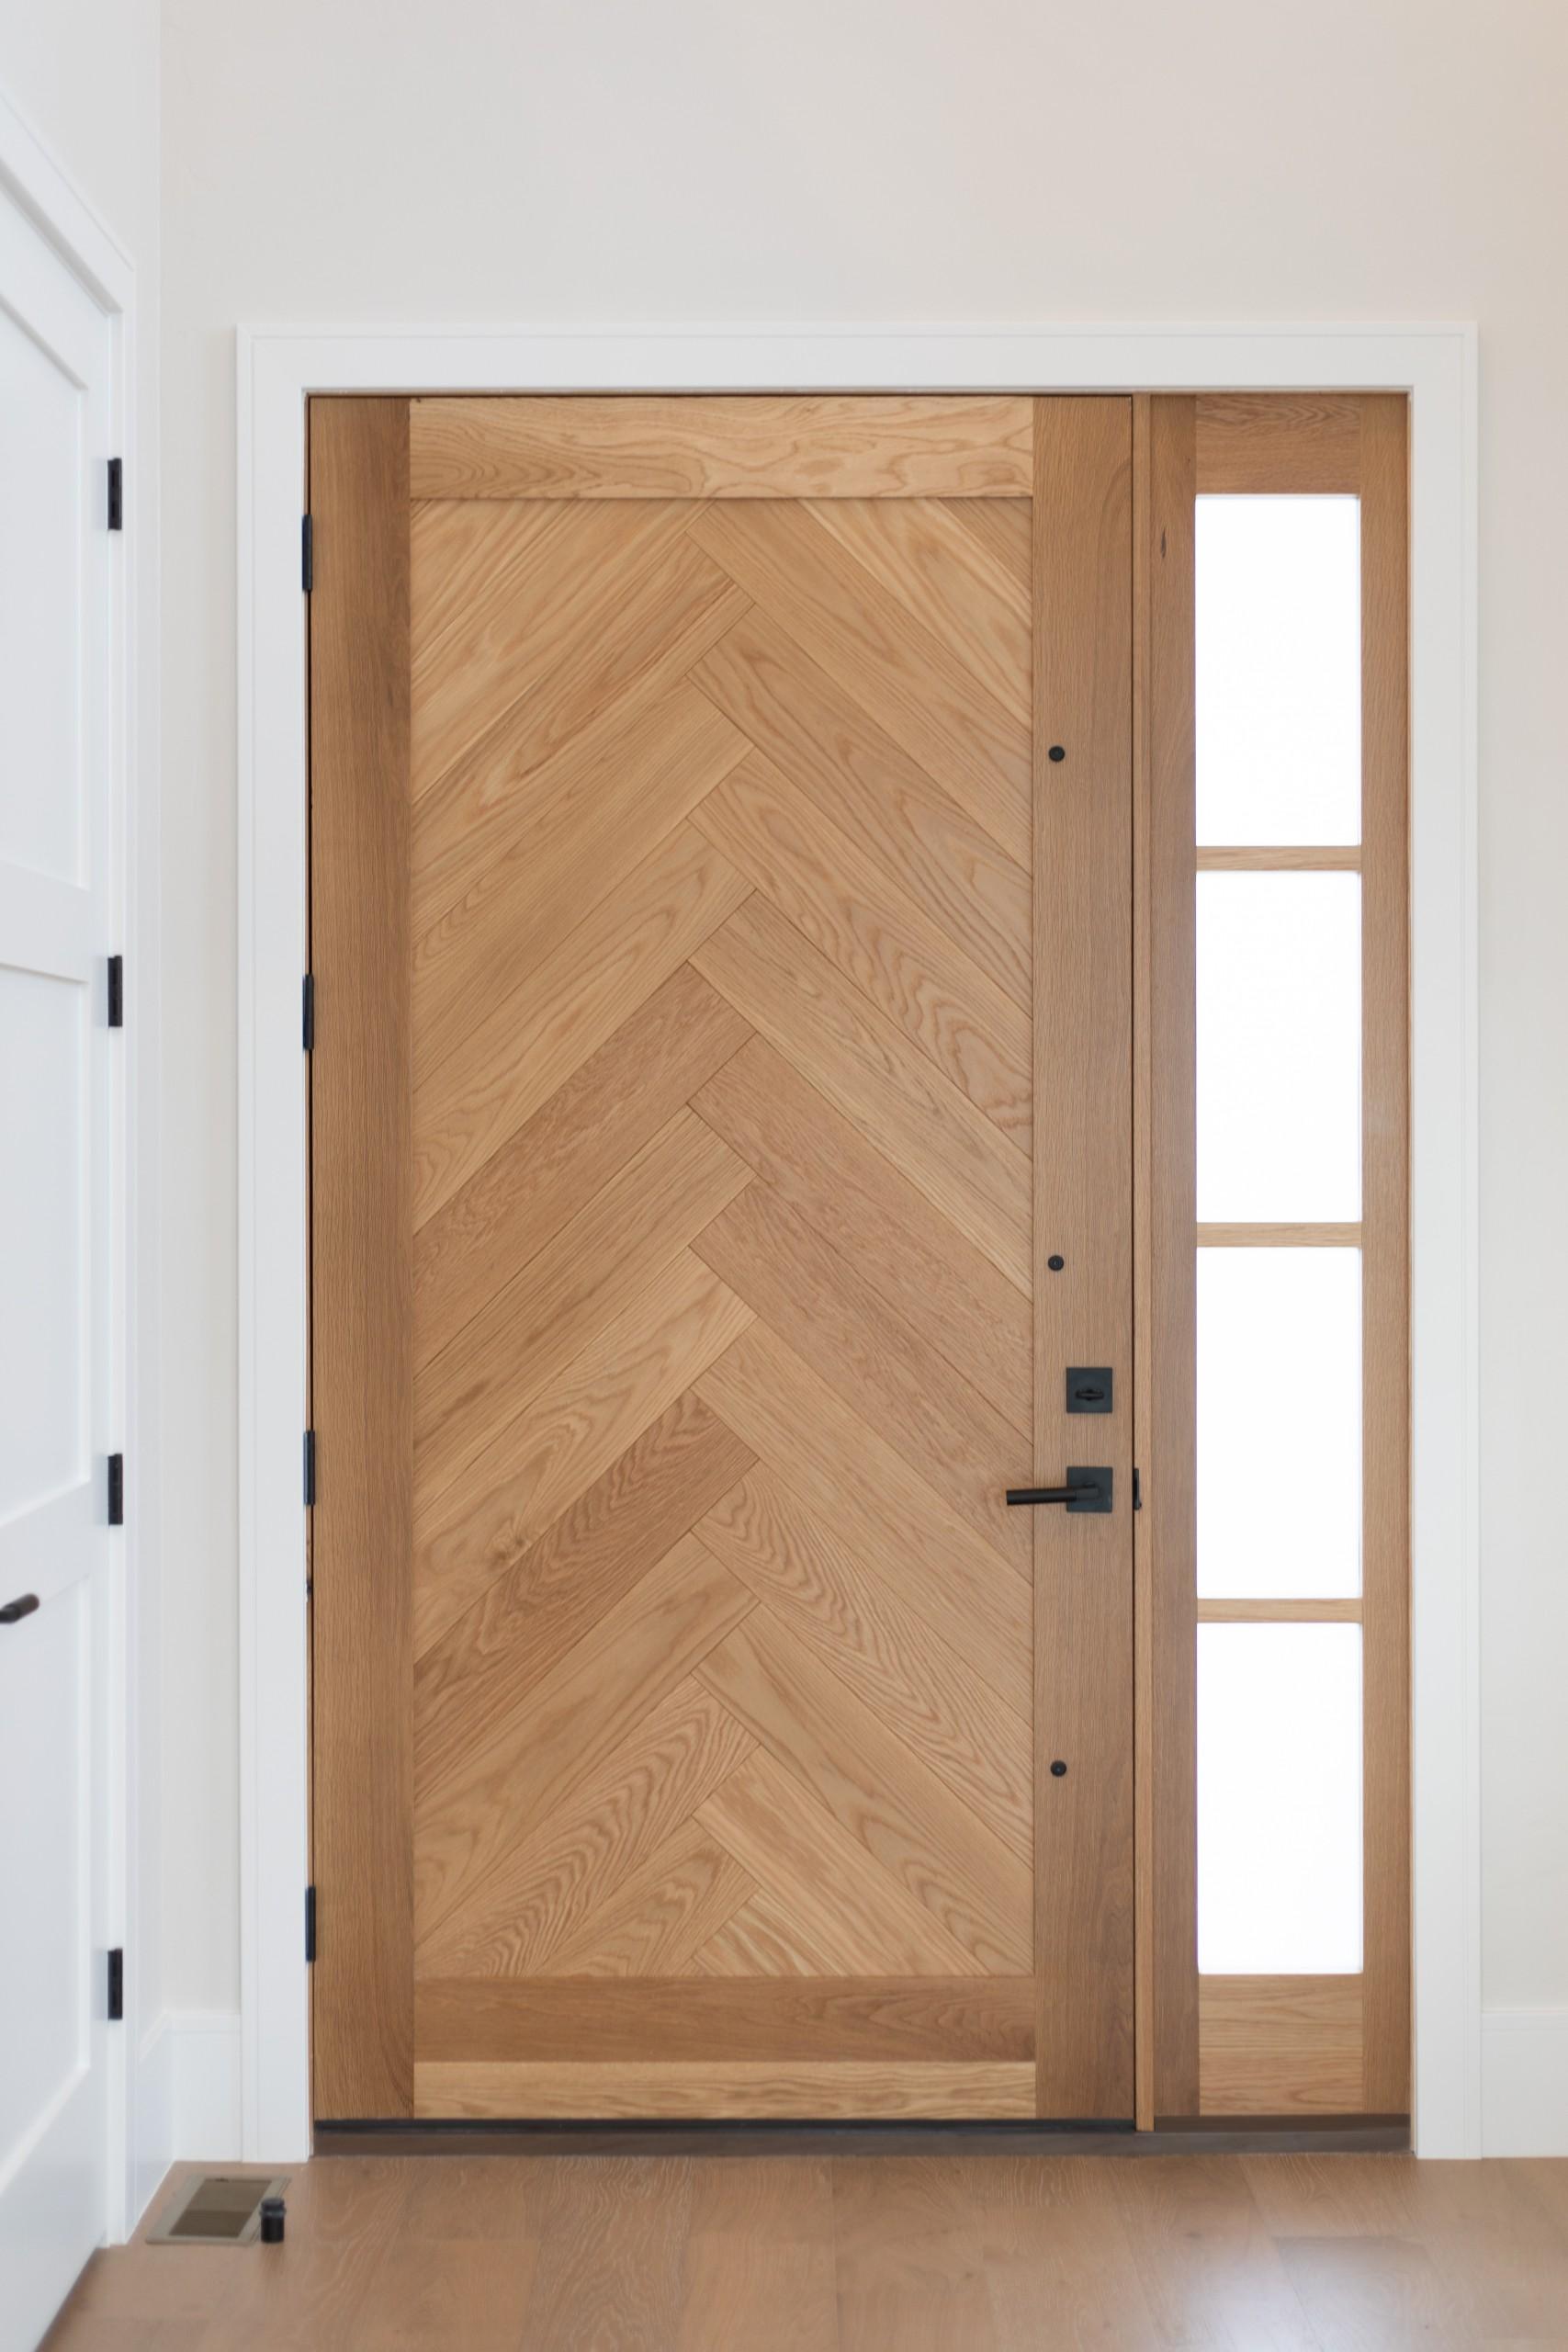 Interior Photography: Front Door Interior